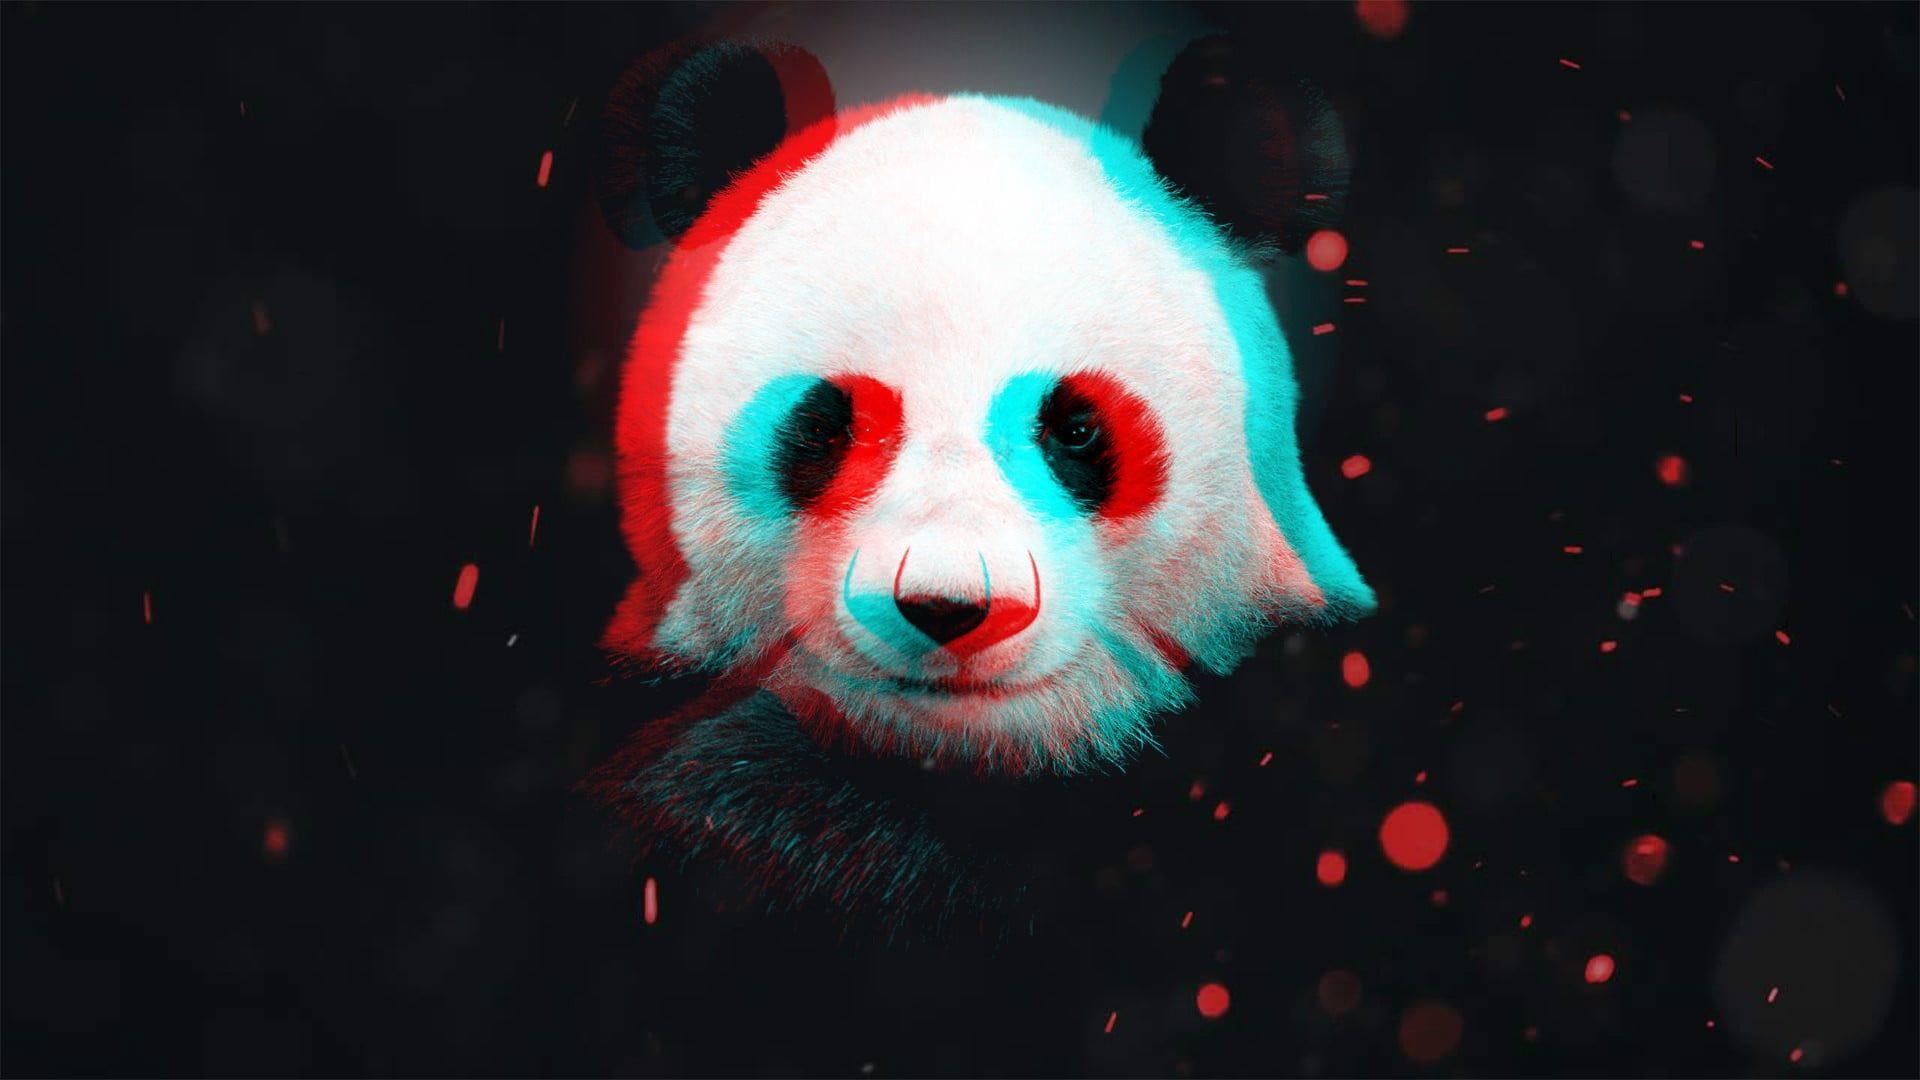 White And Black Panda Wallpaper Panda 3d Particle 1080p Wallpaper Hdwallpaper Desktop Panda Wallpapers Panda Art R Wallpaper Cute wa cool 3d wallpaper images